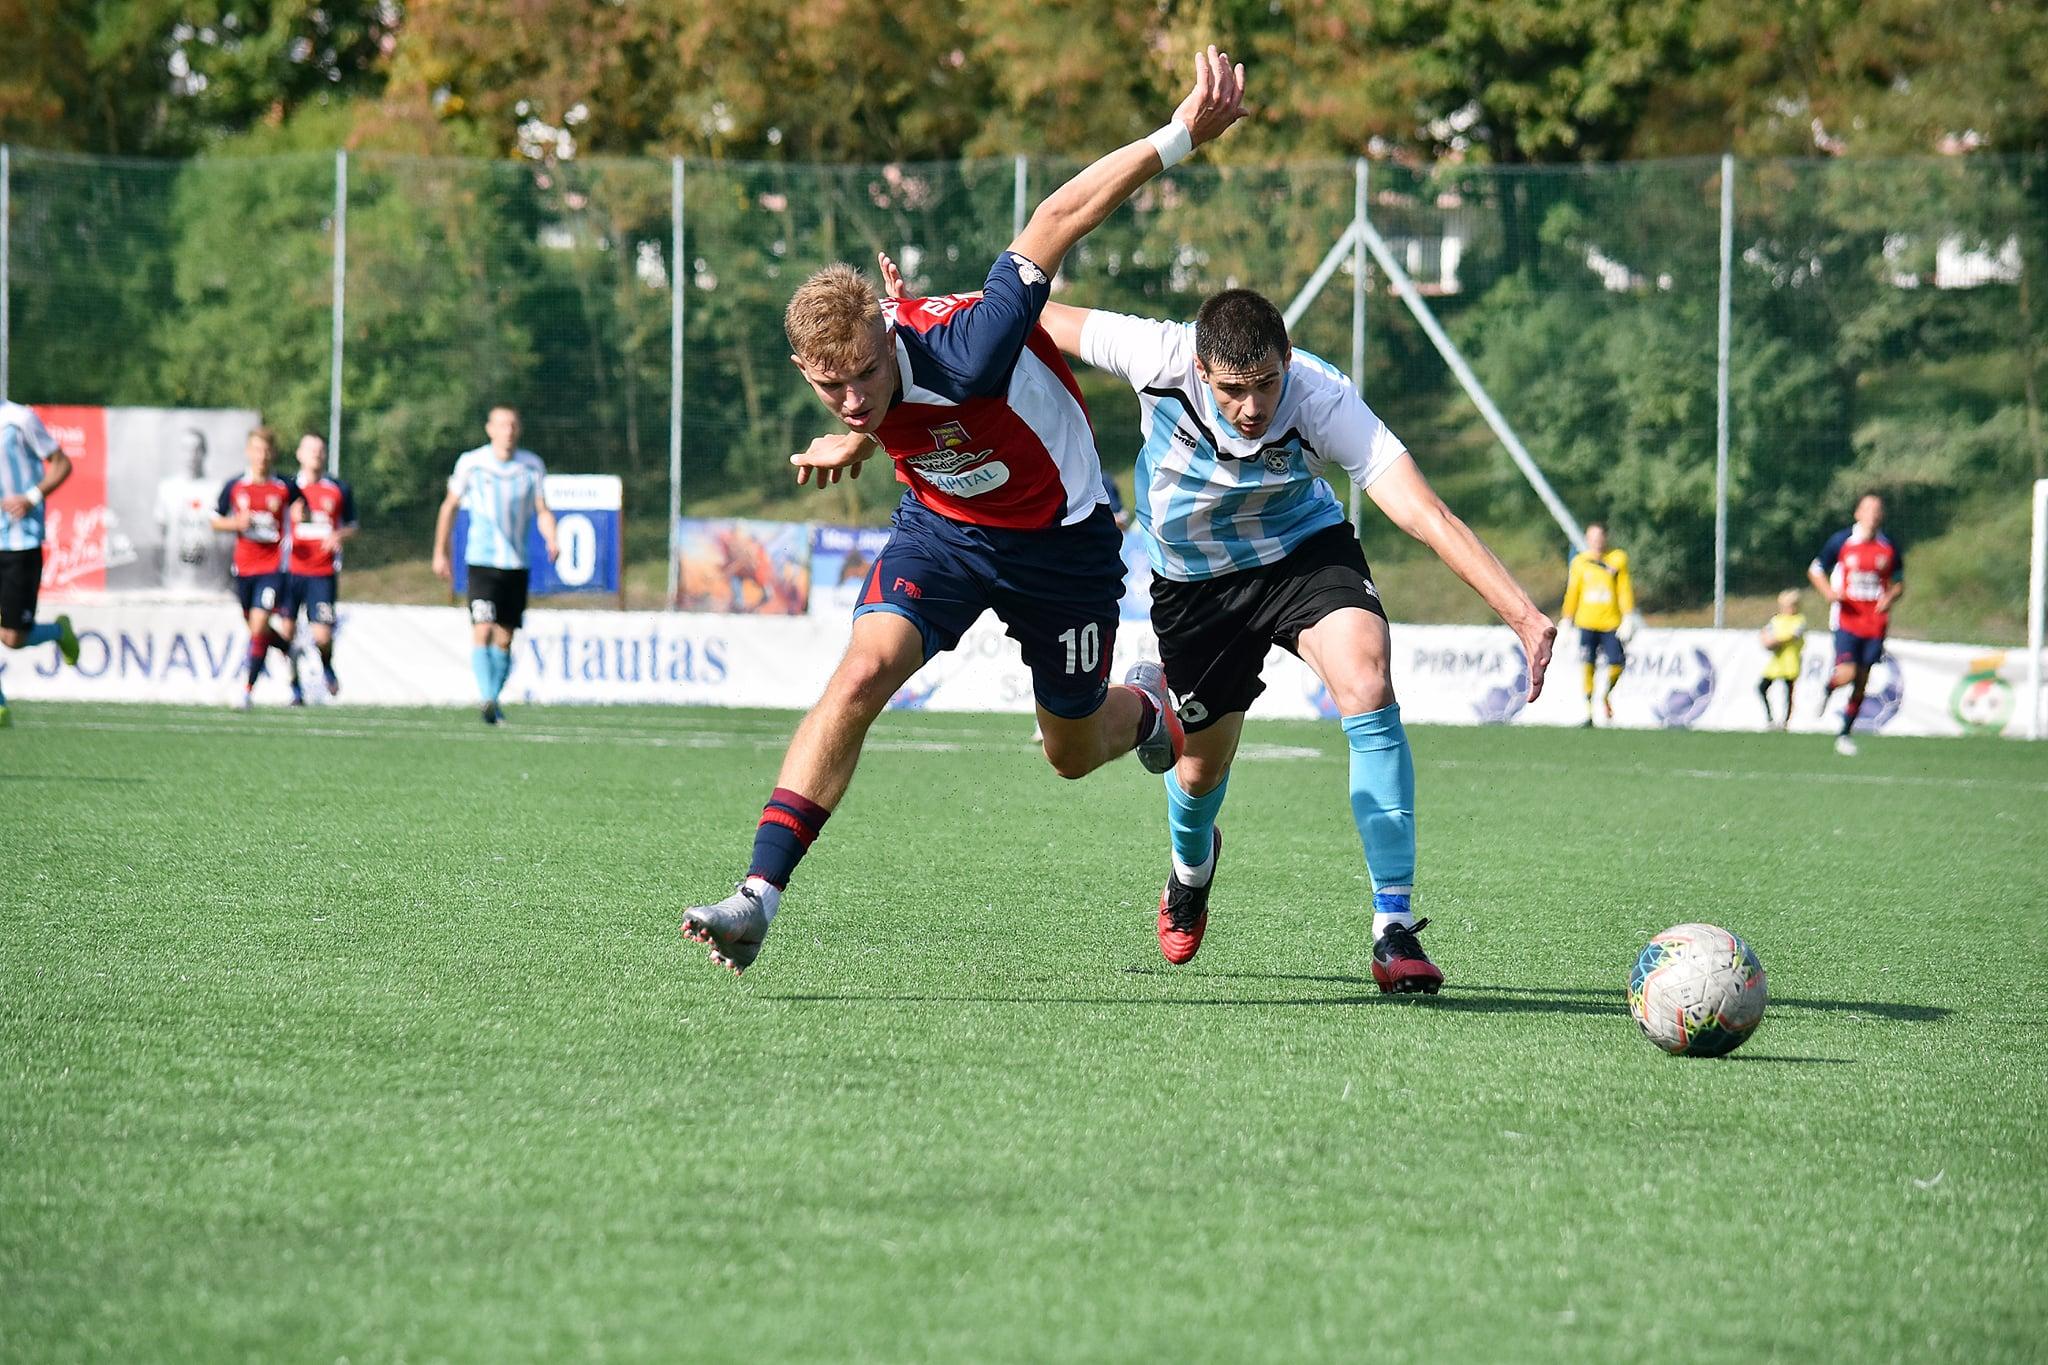 FOTO: Facebook FK Jonava / Alin Ghidurea (dreapta), jucător legitimat la Jonava, în duel cu un adversar în liga a doua a Lituaniei